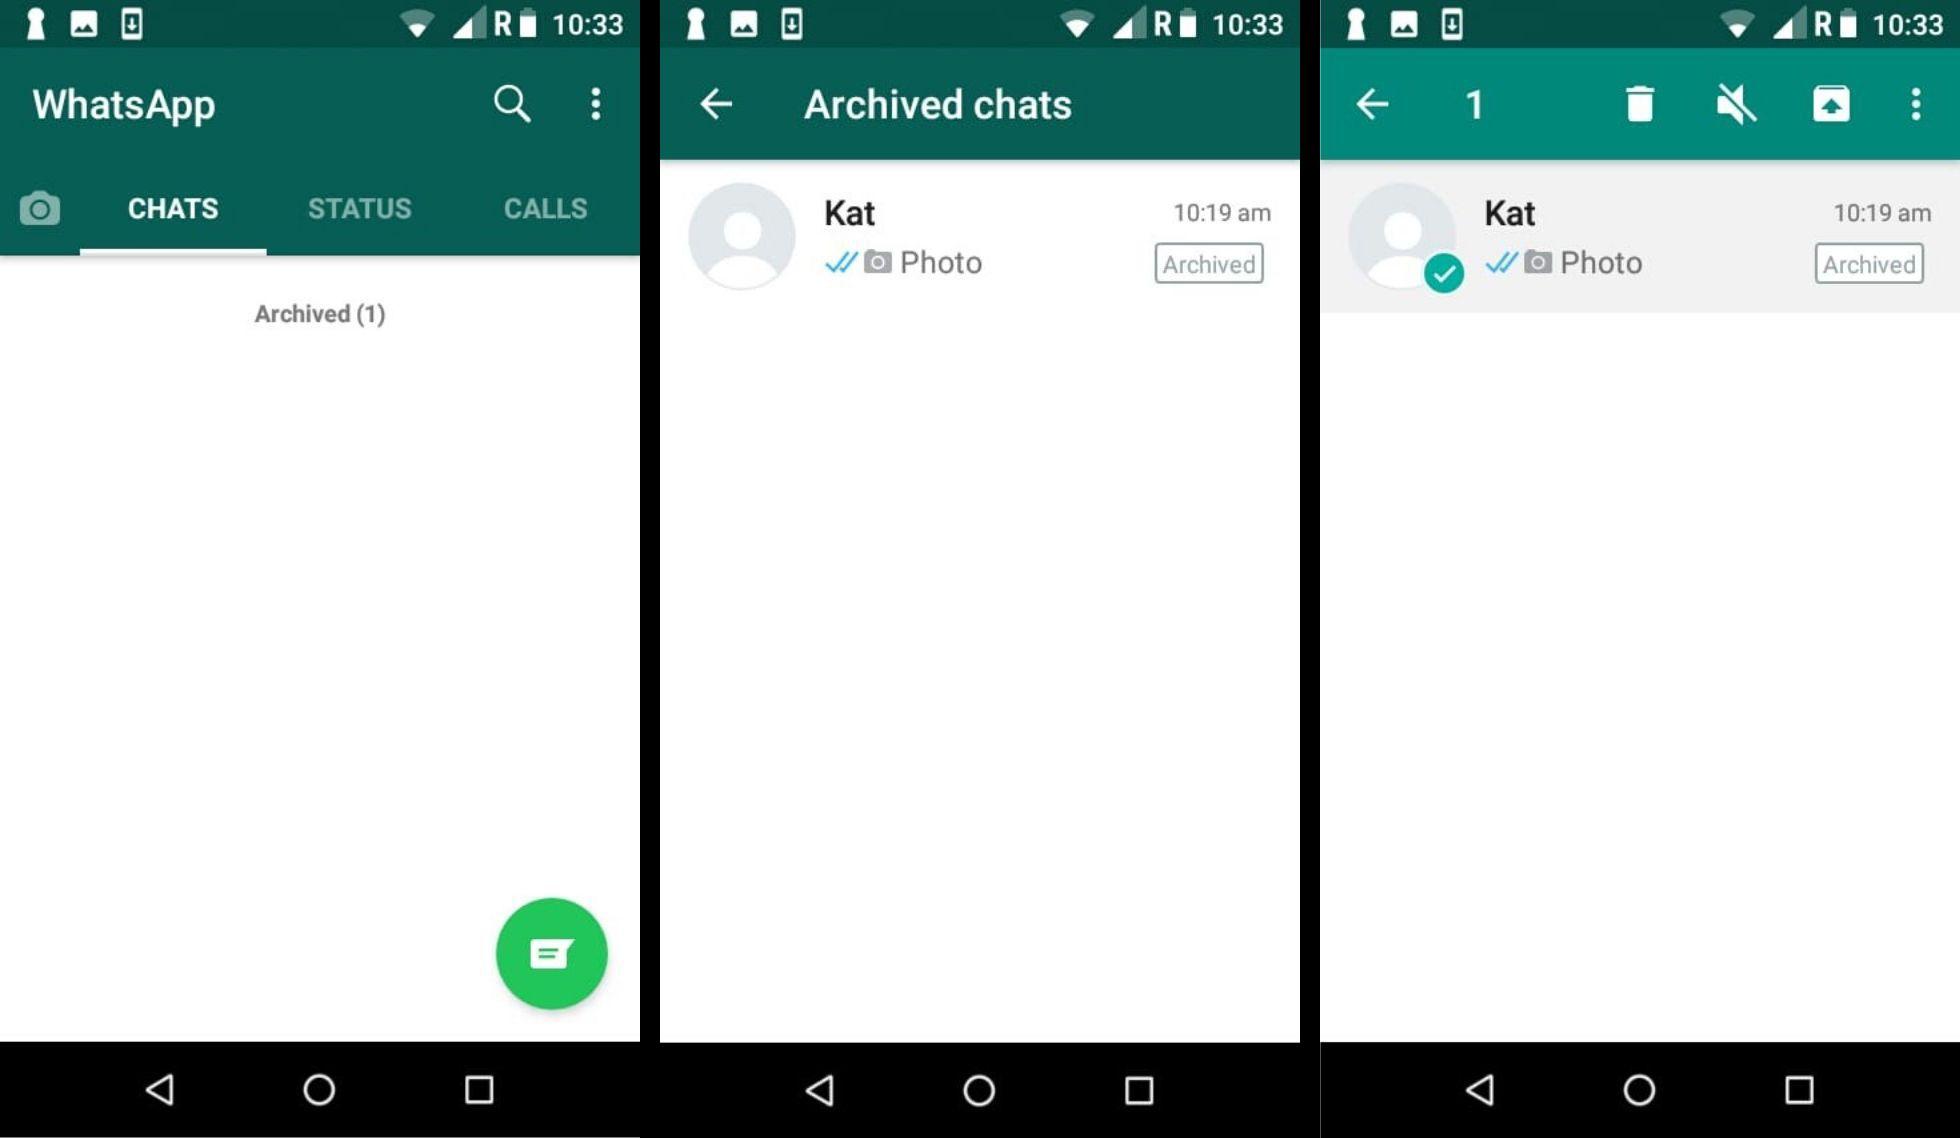 Jika-Anda-ingin-membukanya-maka-tap-pada-opsi-Archived-Chat-yang-terletak-di-bagian-paling-bawah-pada-tab-Chats